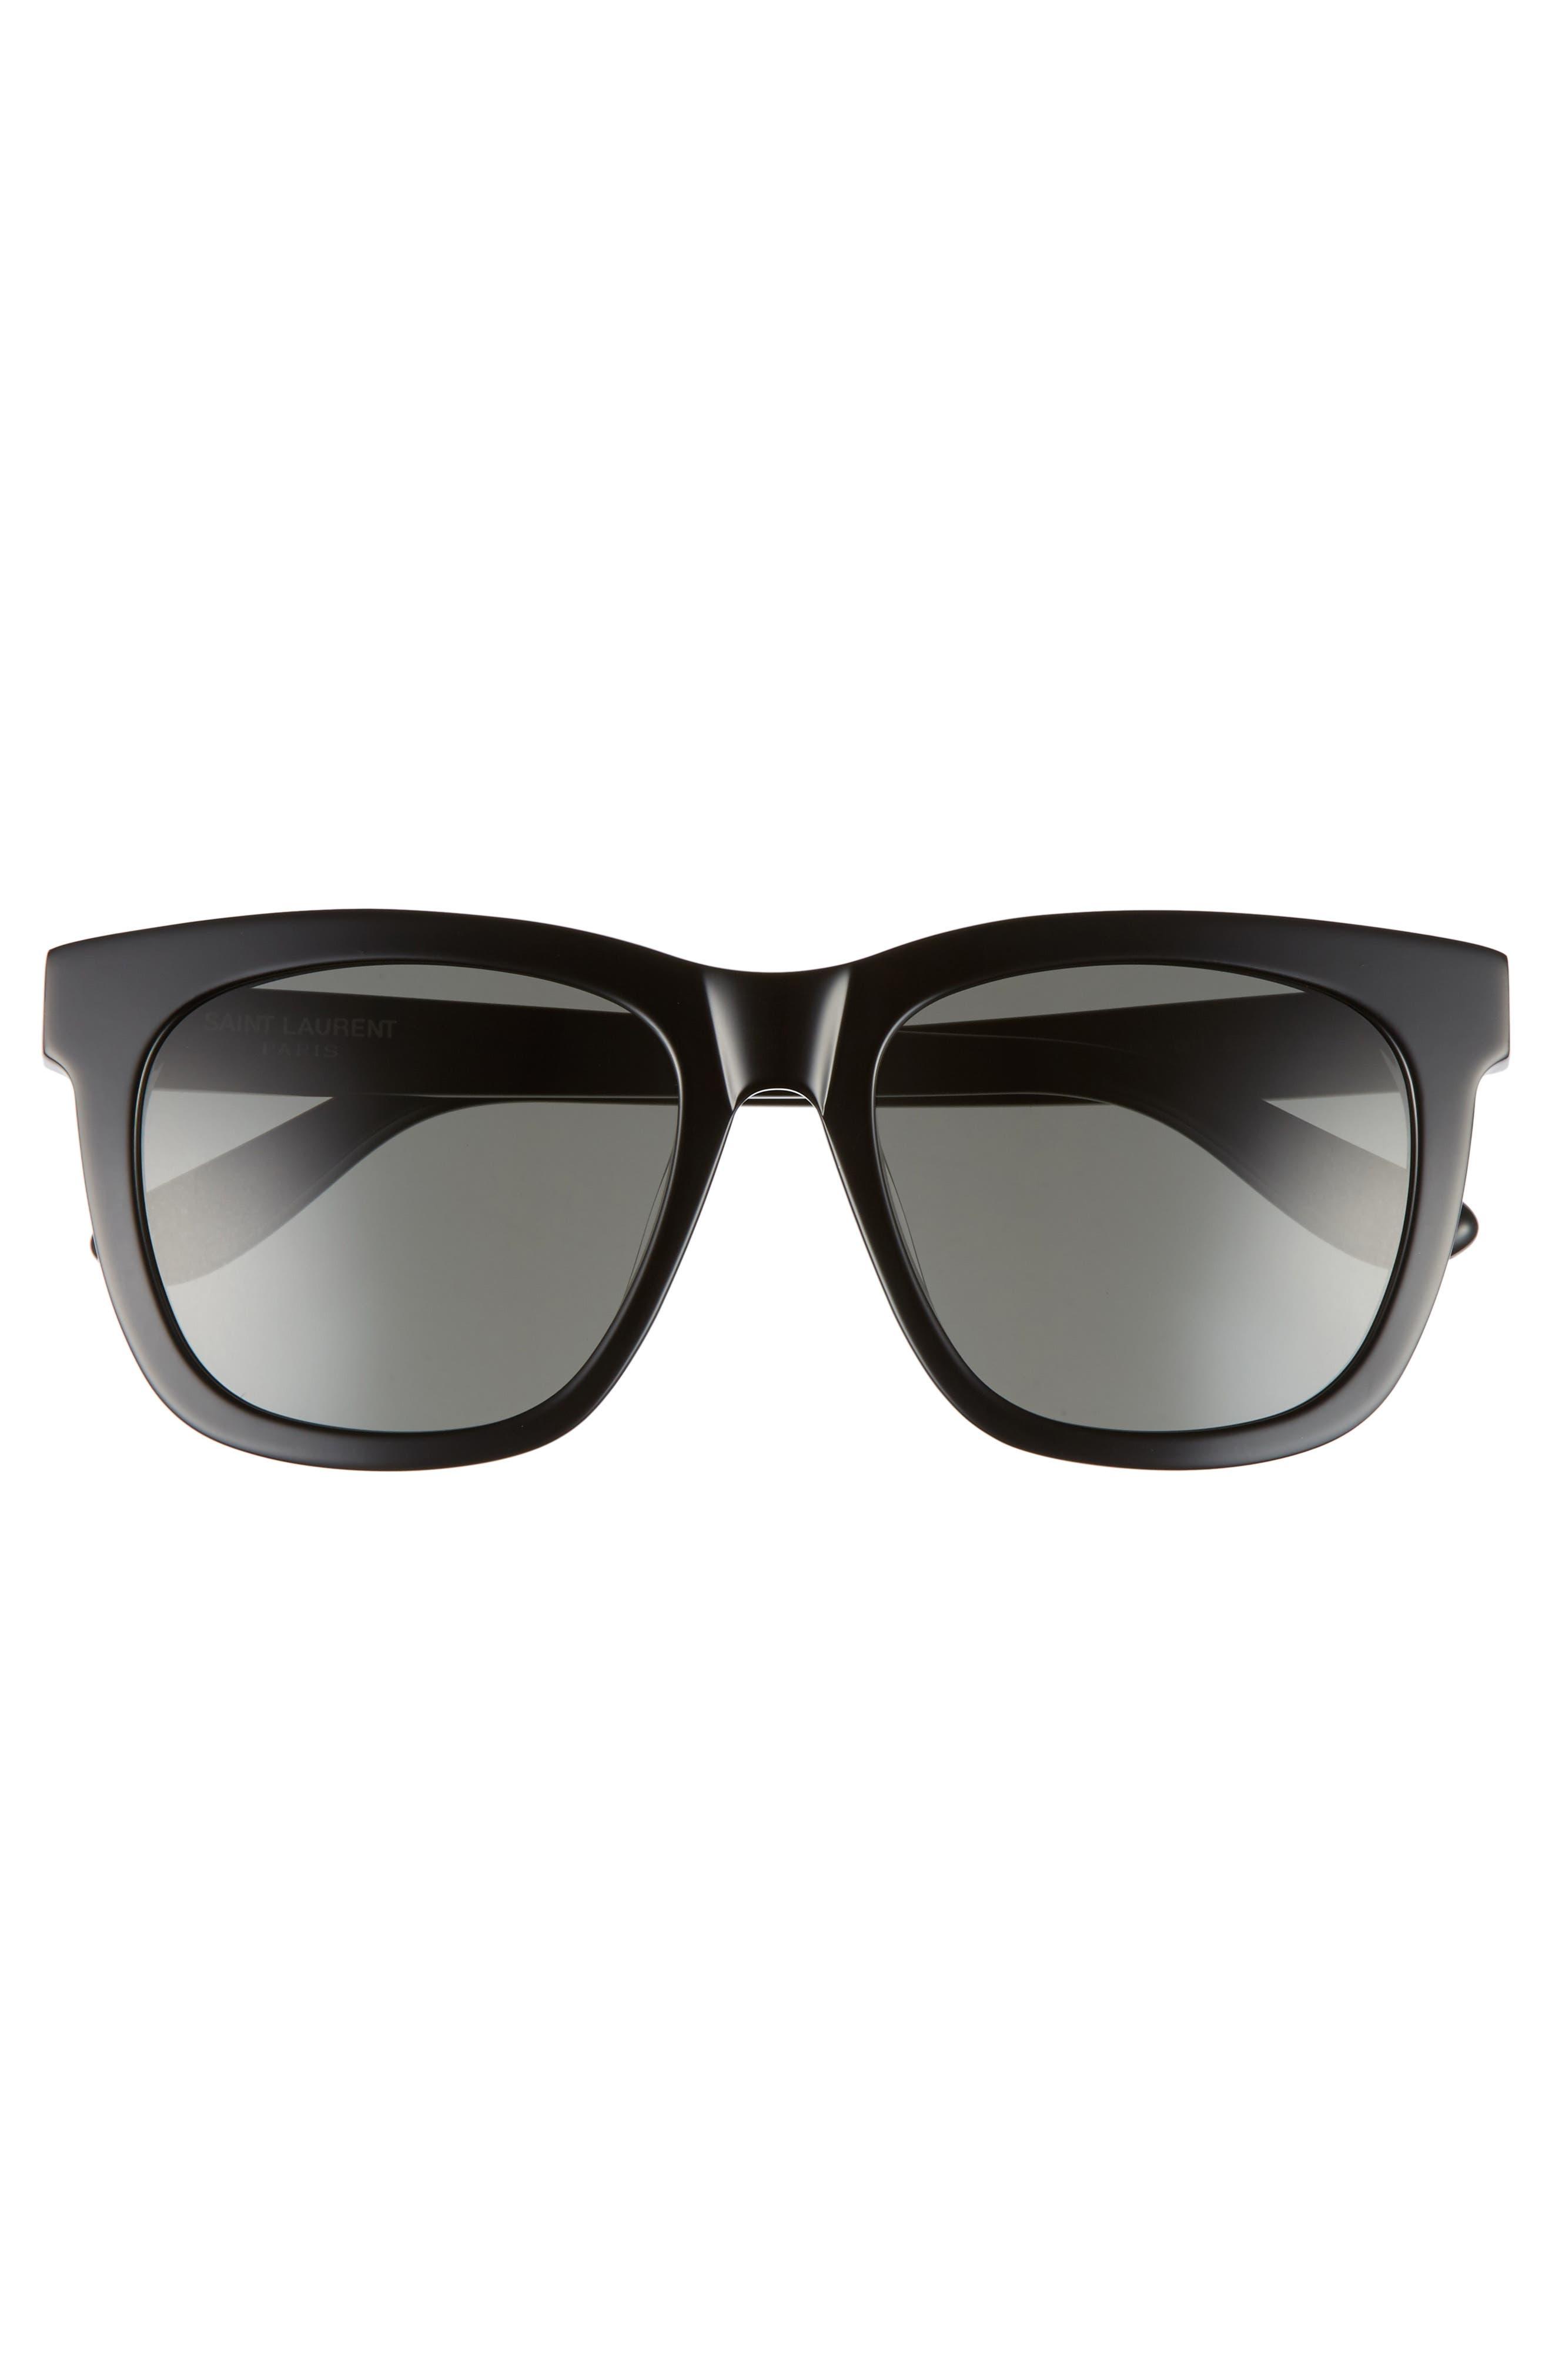 SAINT LAURENT, 55mm Sunglasses, Alternate thumbnail 3, color, BLACK